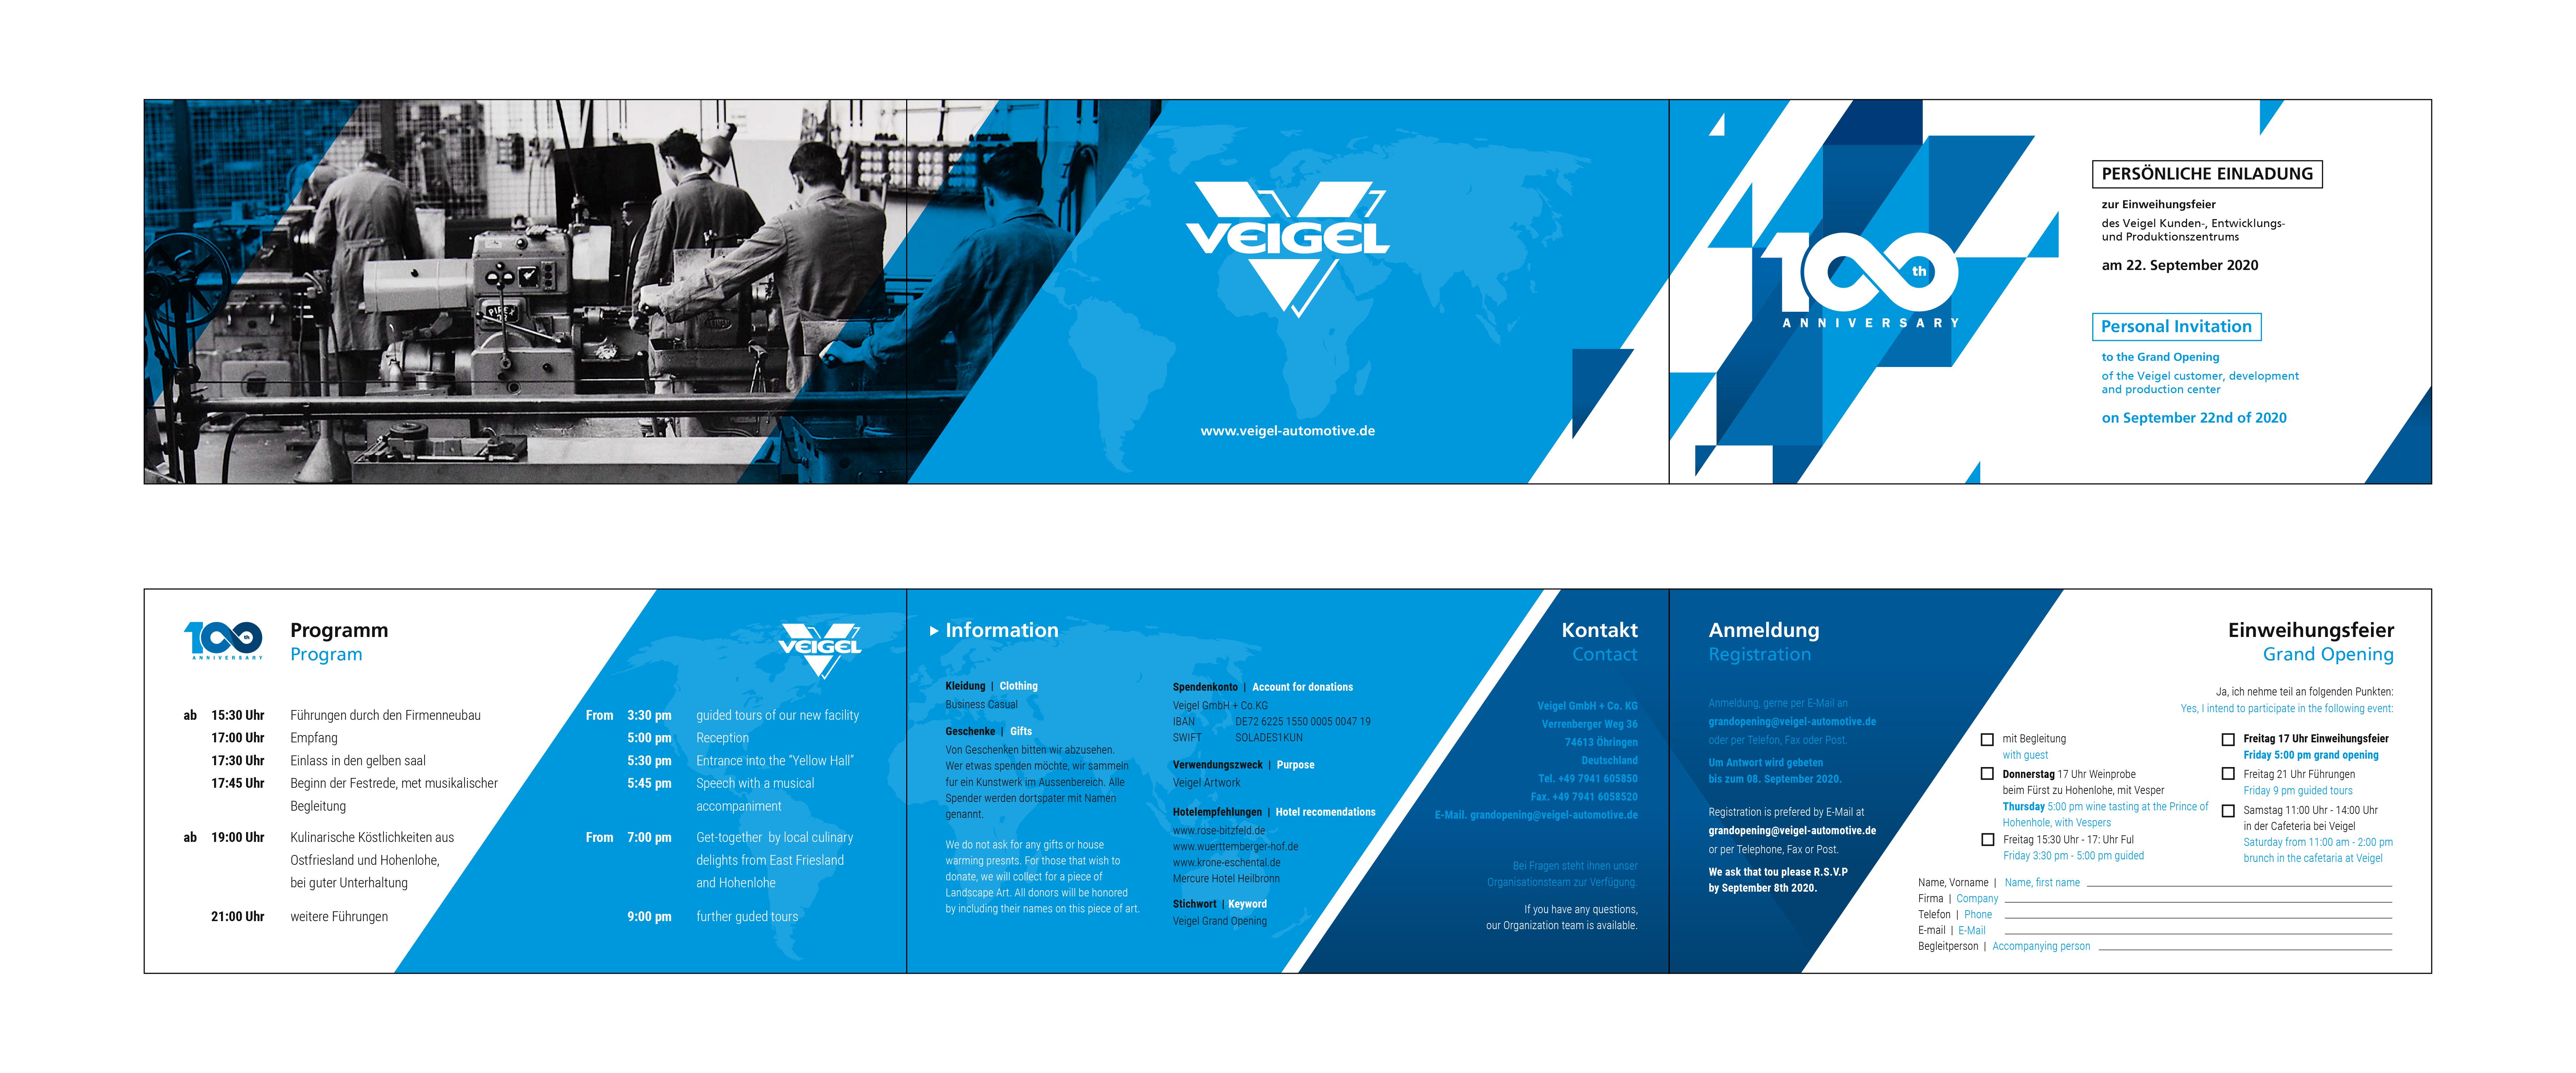 Veigel Automotive turns 100 invitation